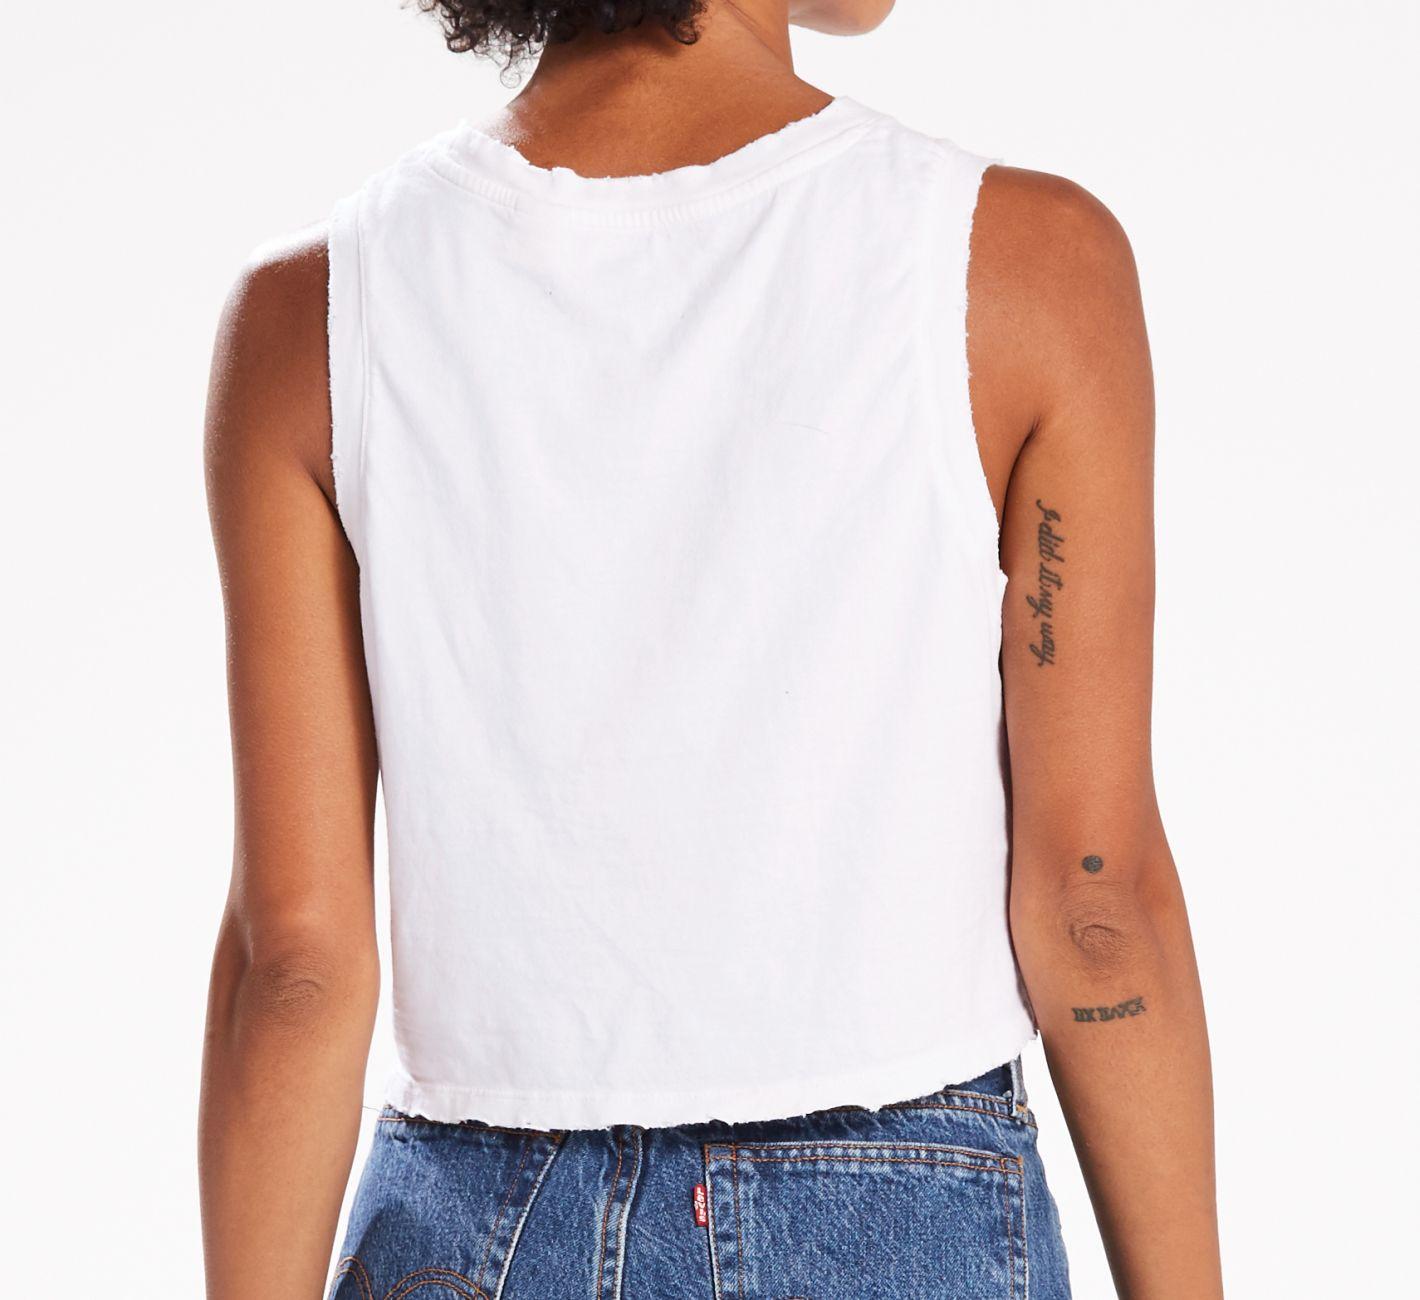 Levis Shirt TANKSPORT 39810-0000 weiss W18-LDS1